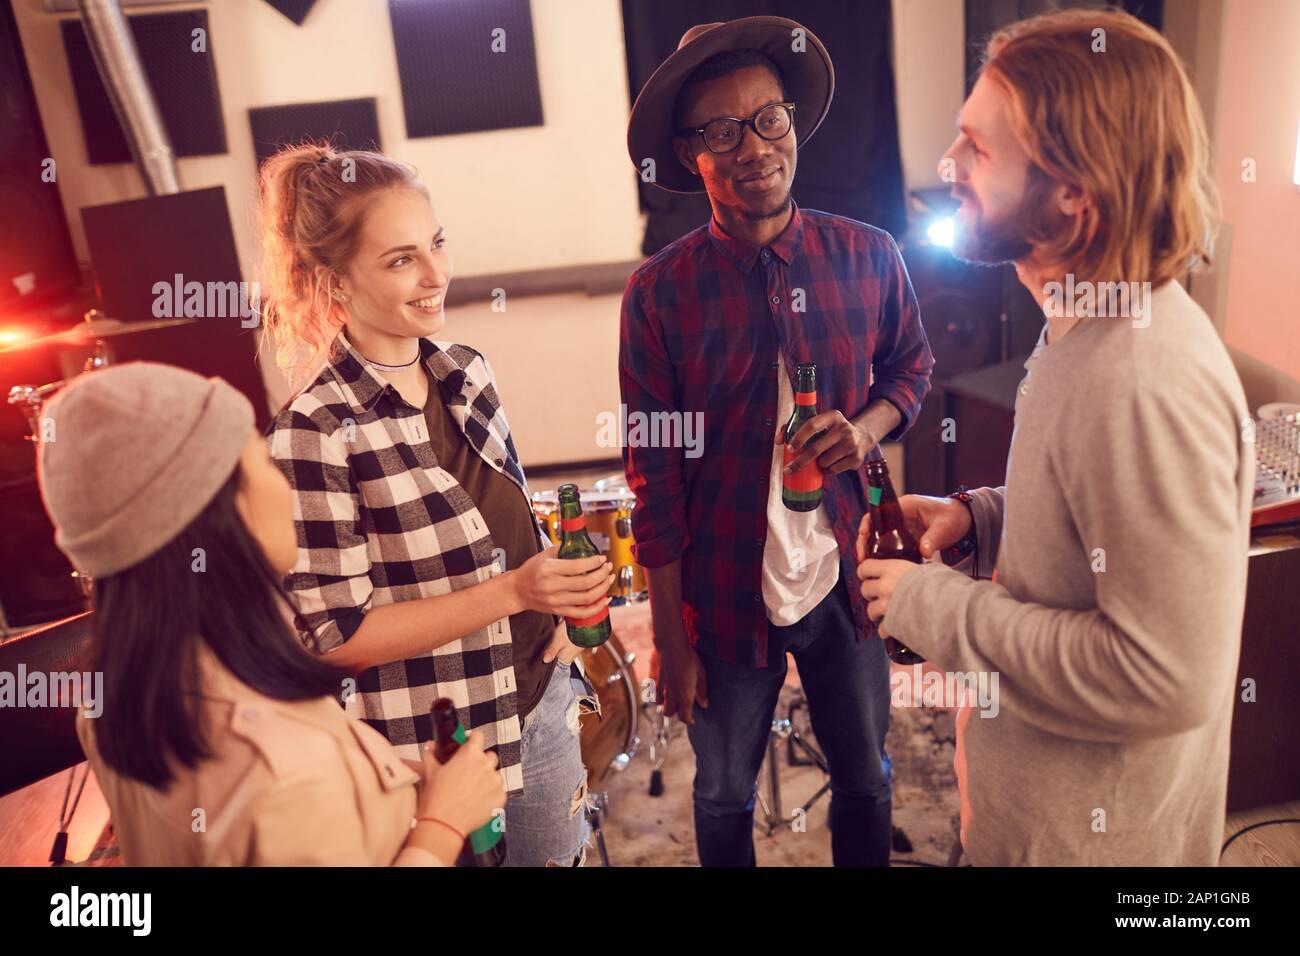 Un alto ángulo de visualización en grupo multiétnico de jóvenes bebiendo cerveza y charlar mientras disfruta de ensayo en music studio Foto de stock